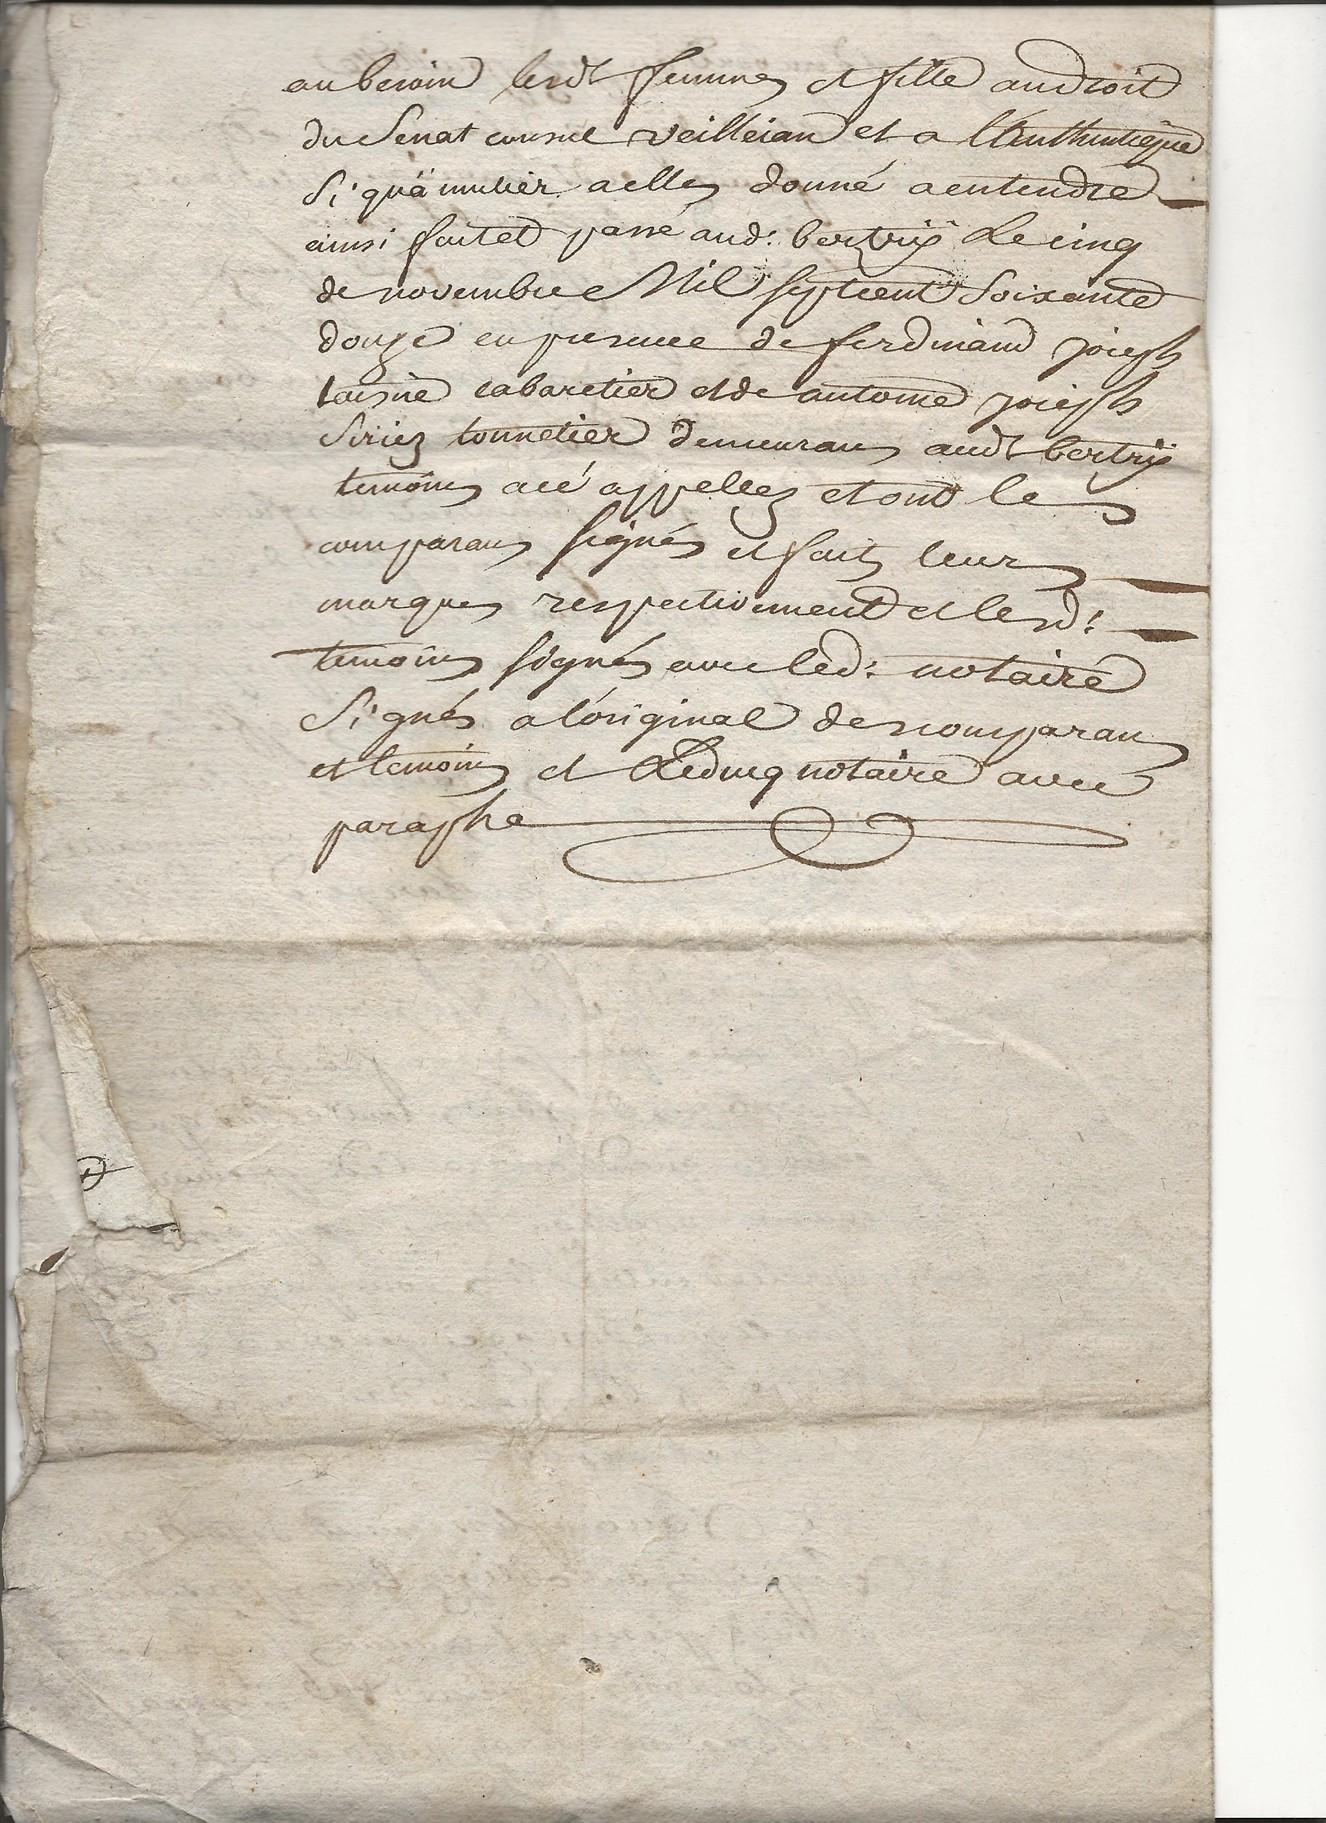 1772 acte partiel moriau jean guislain avec taine jeanne catherine 4